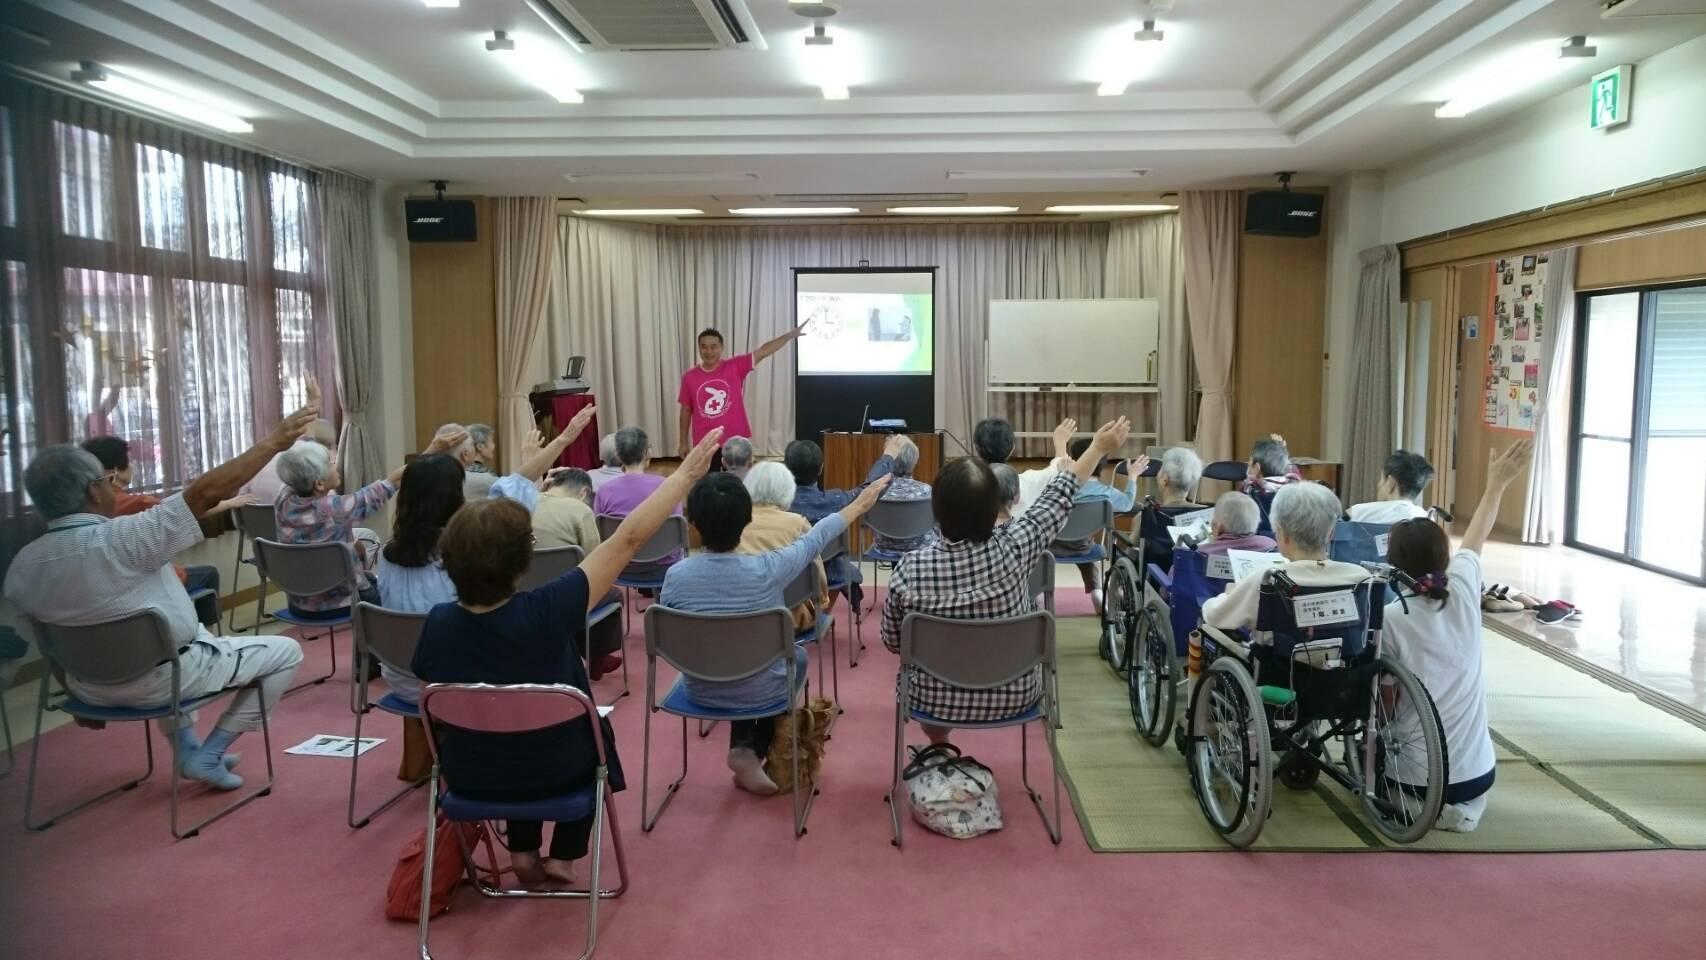 特別養護老人ホームで開催された認知症カフェで講演を行いました!